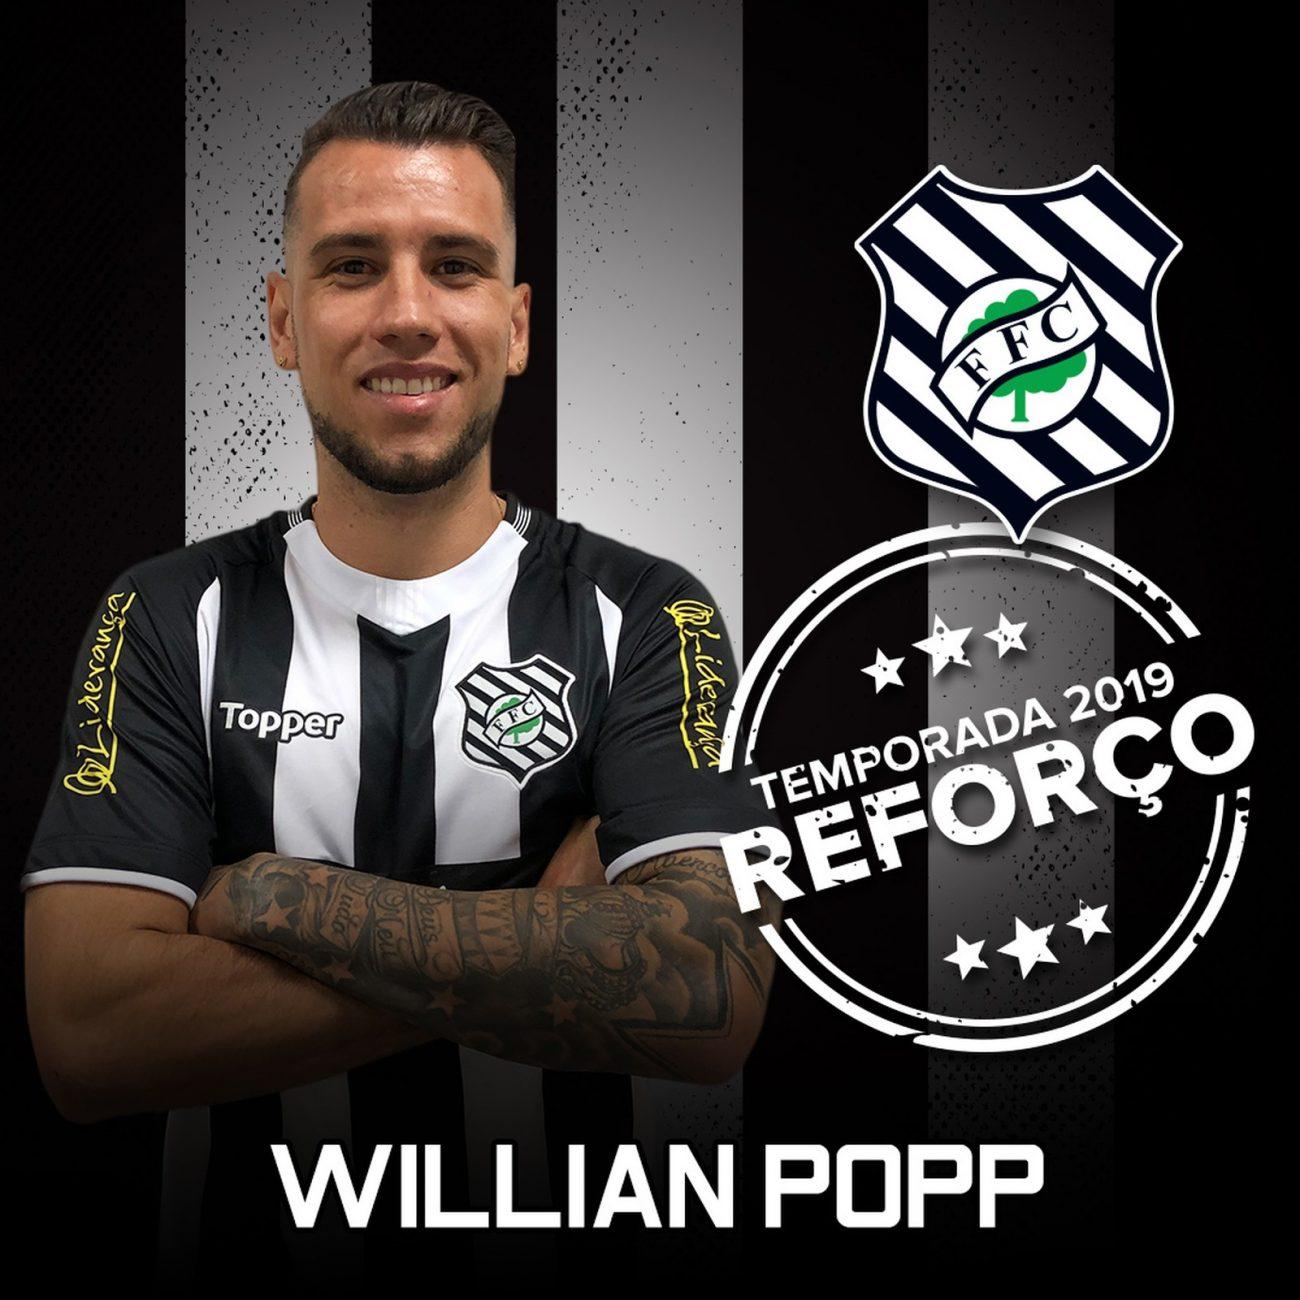 Willian Popp, atacante do Figueirense contratado em 2019 - Figueirense FC/divulgação